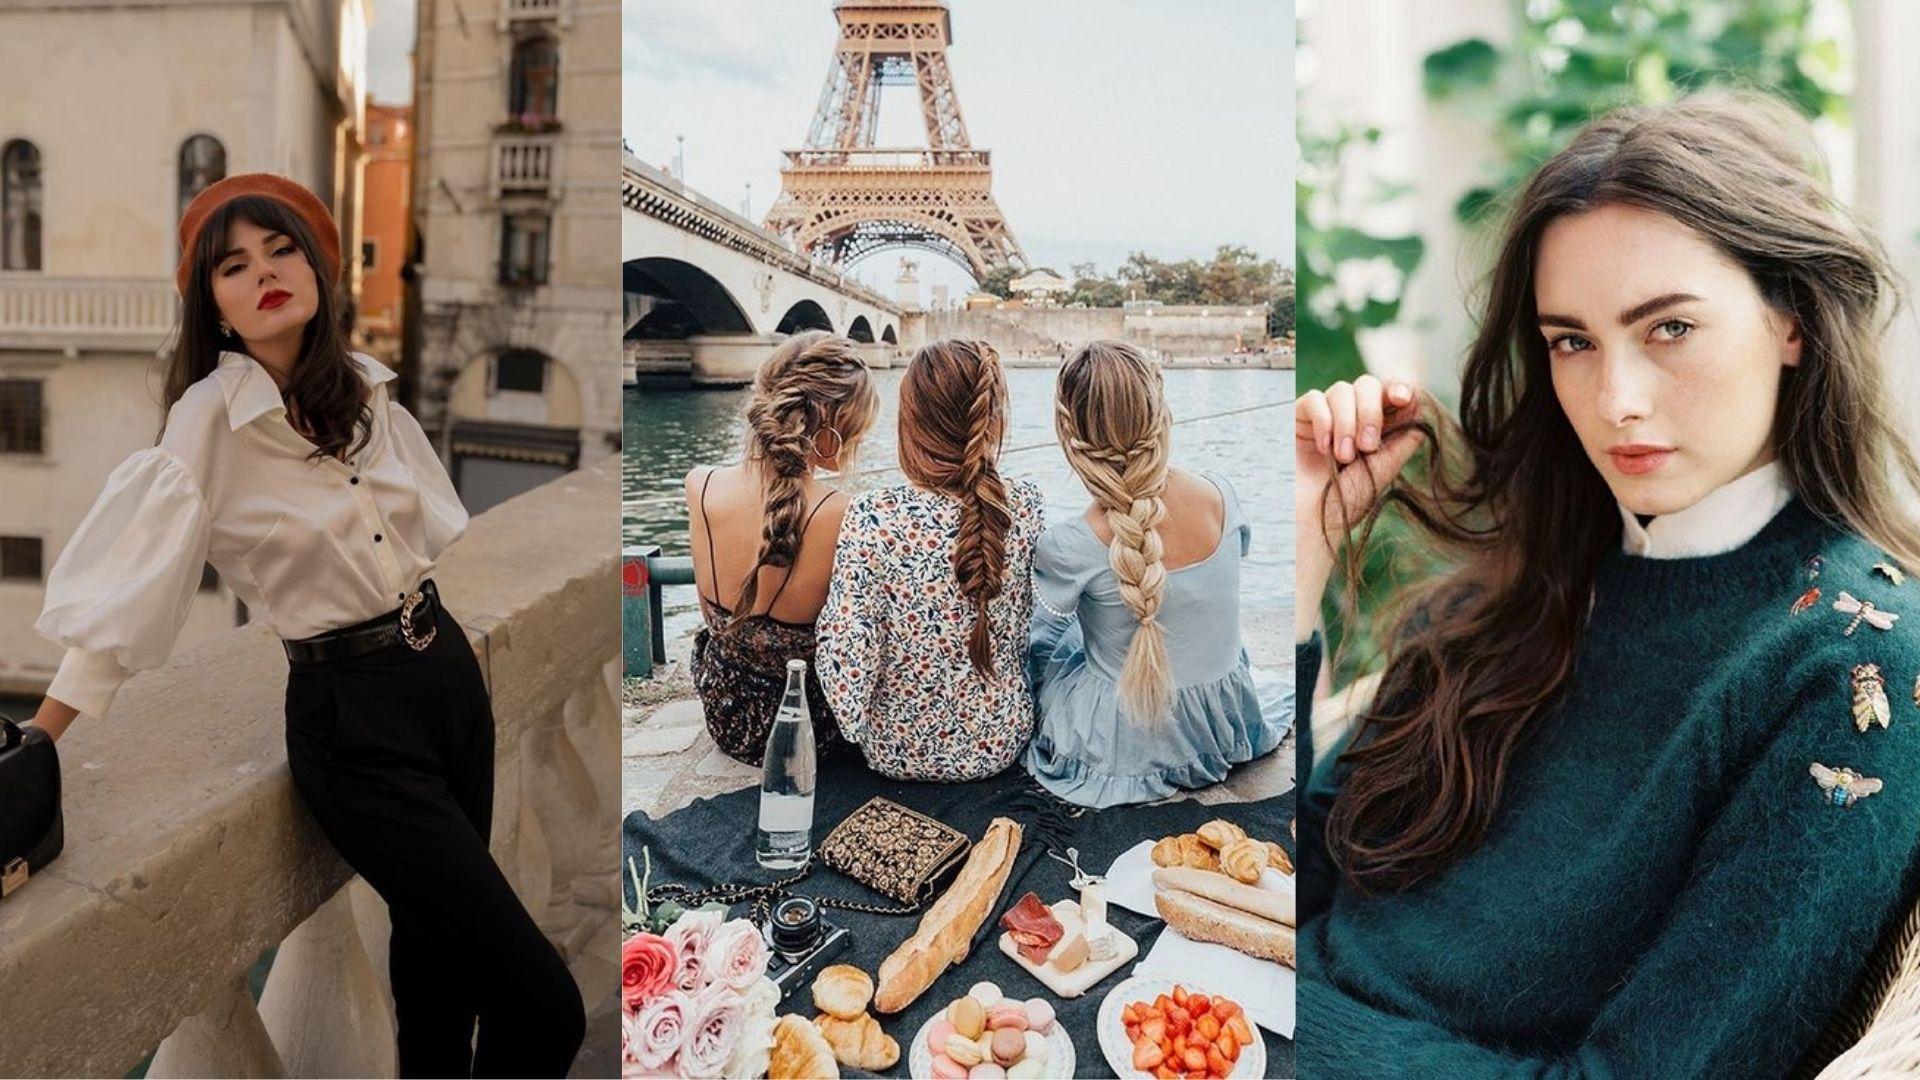 Cùng học hỏi cách sống thanh lịch như những quý cô nước Pháp